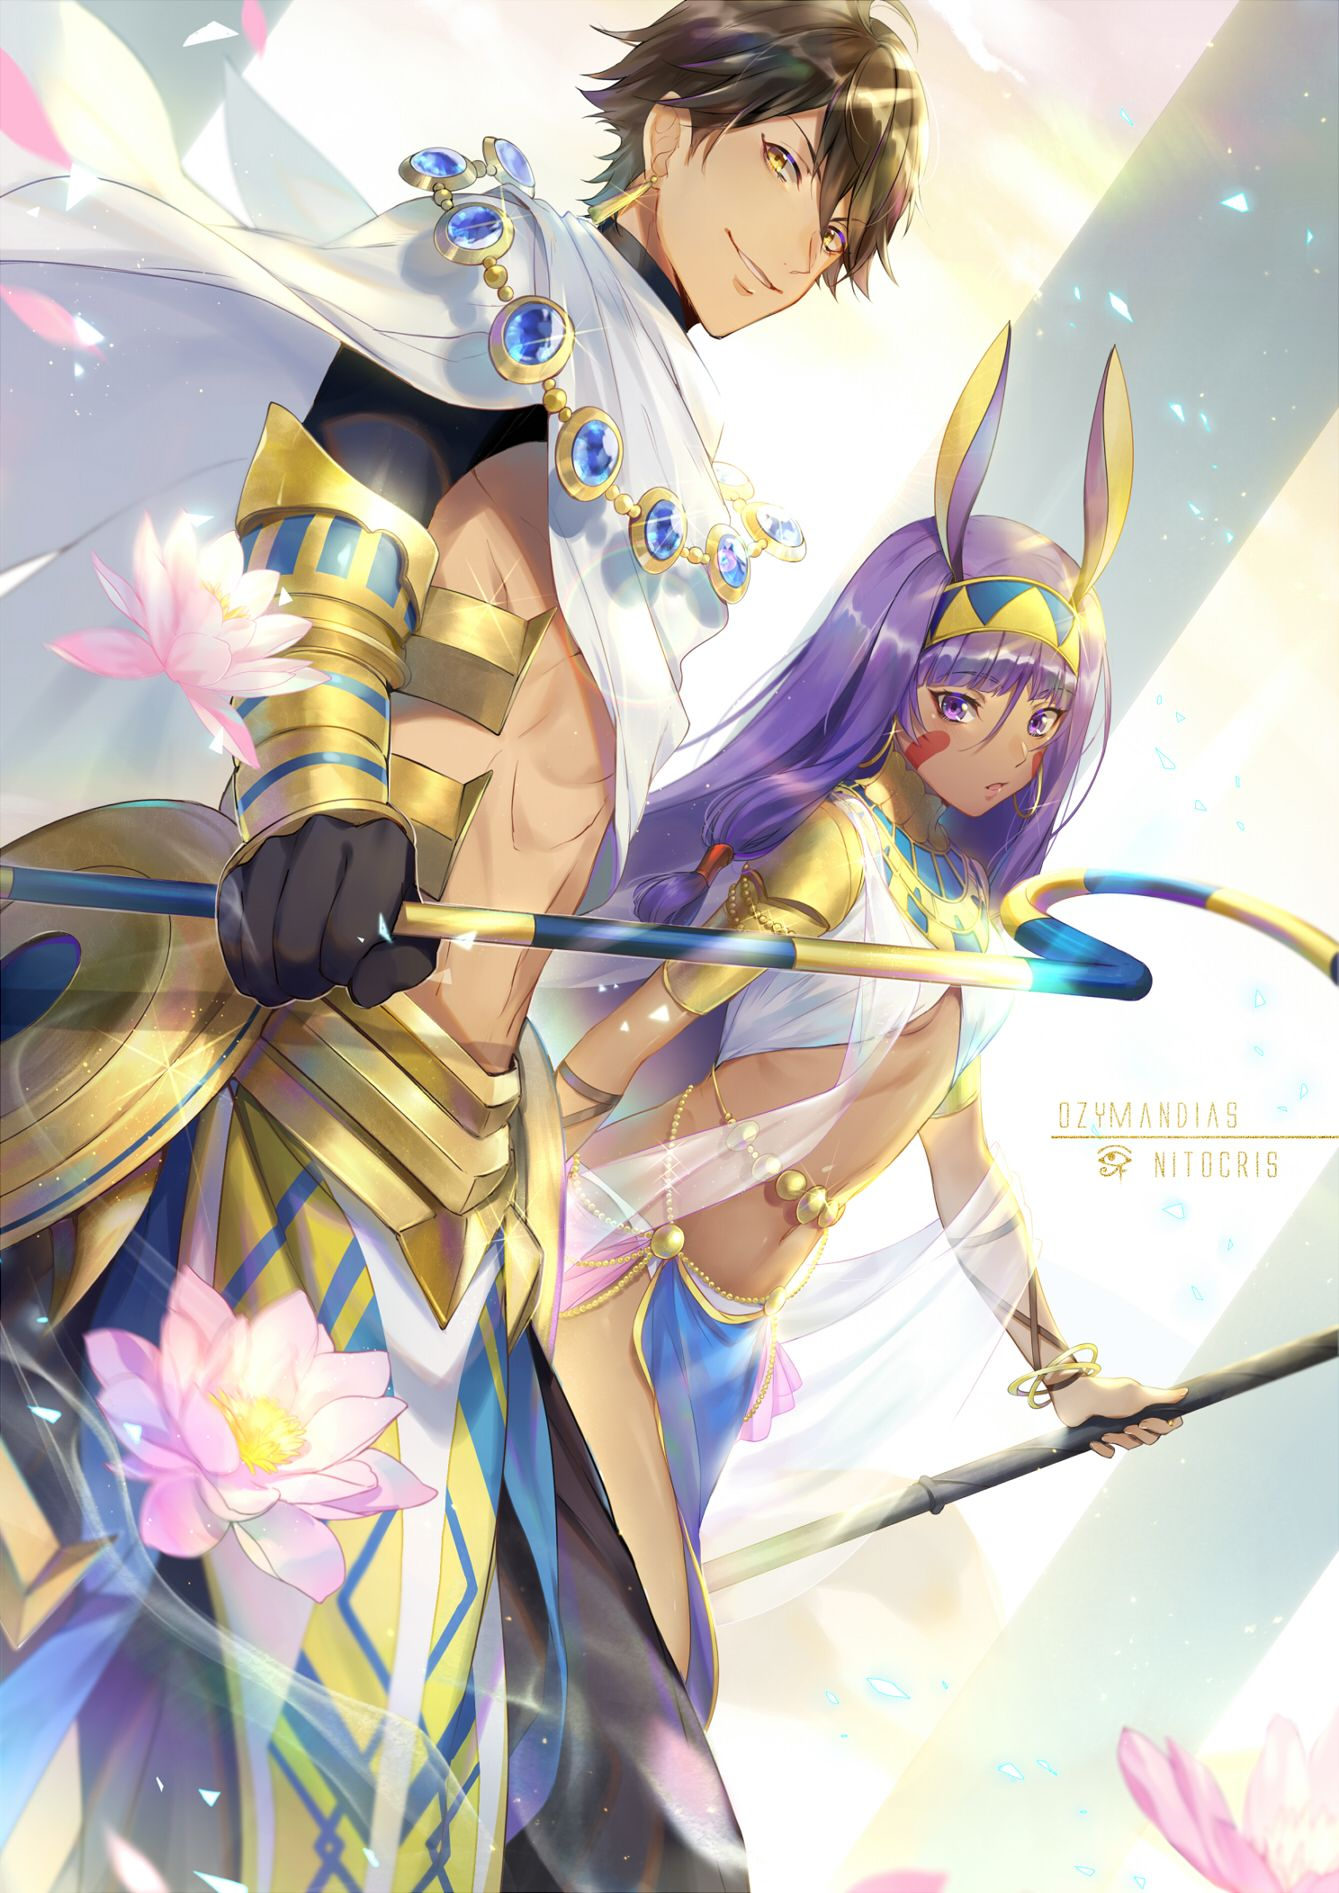 Caster Nitocris Ozymandias Rider Fgo Pinterest Fate